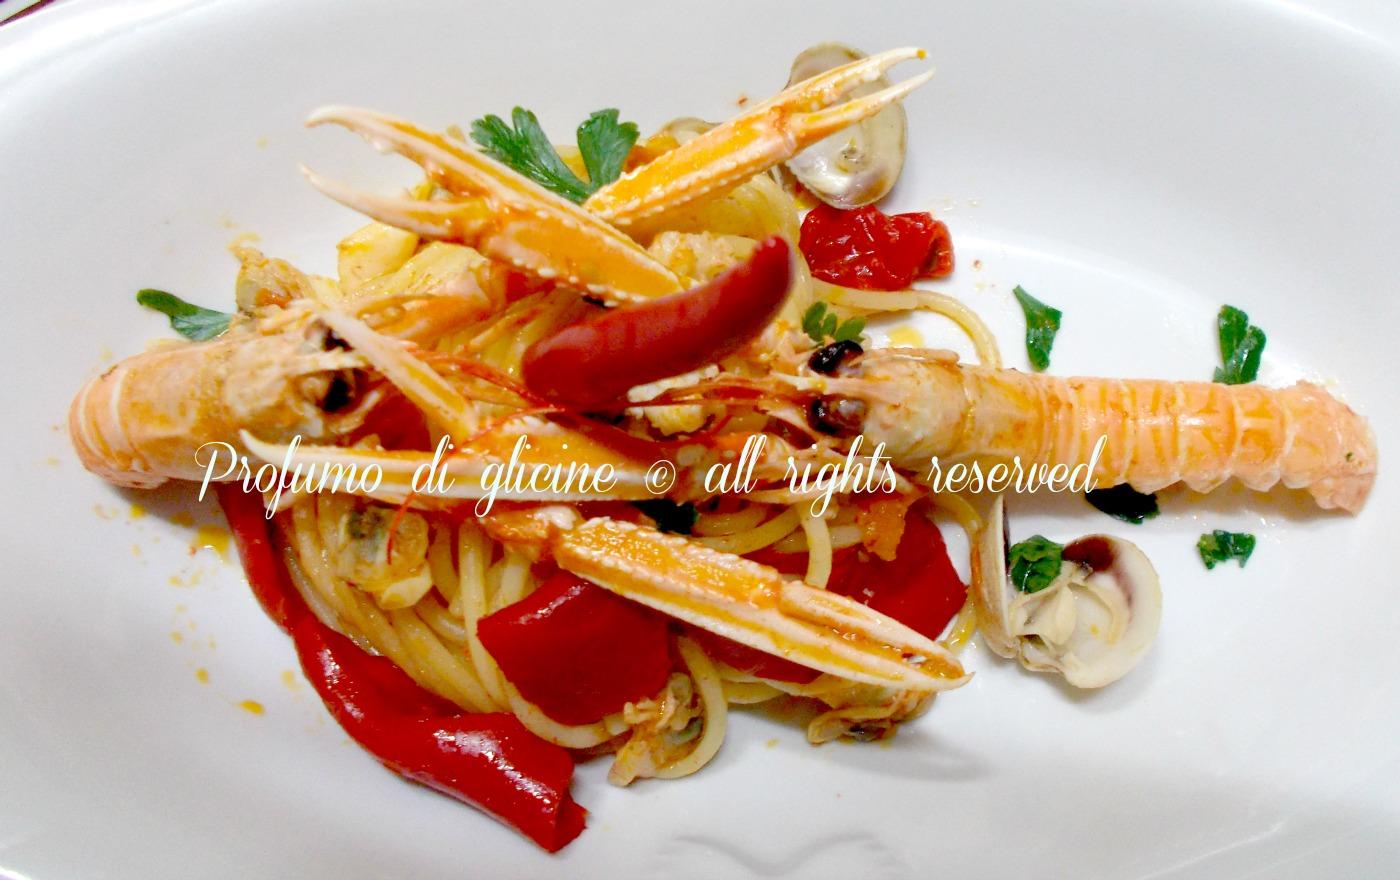 spaghettoni con scampi e peperoni ricetta di mare nella cucina di profumo di glicine